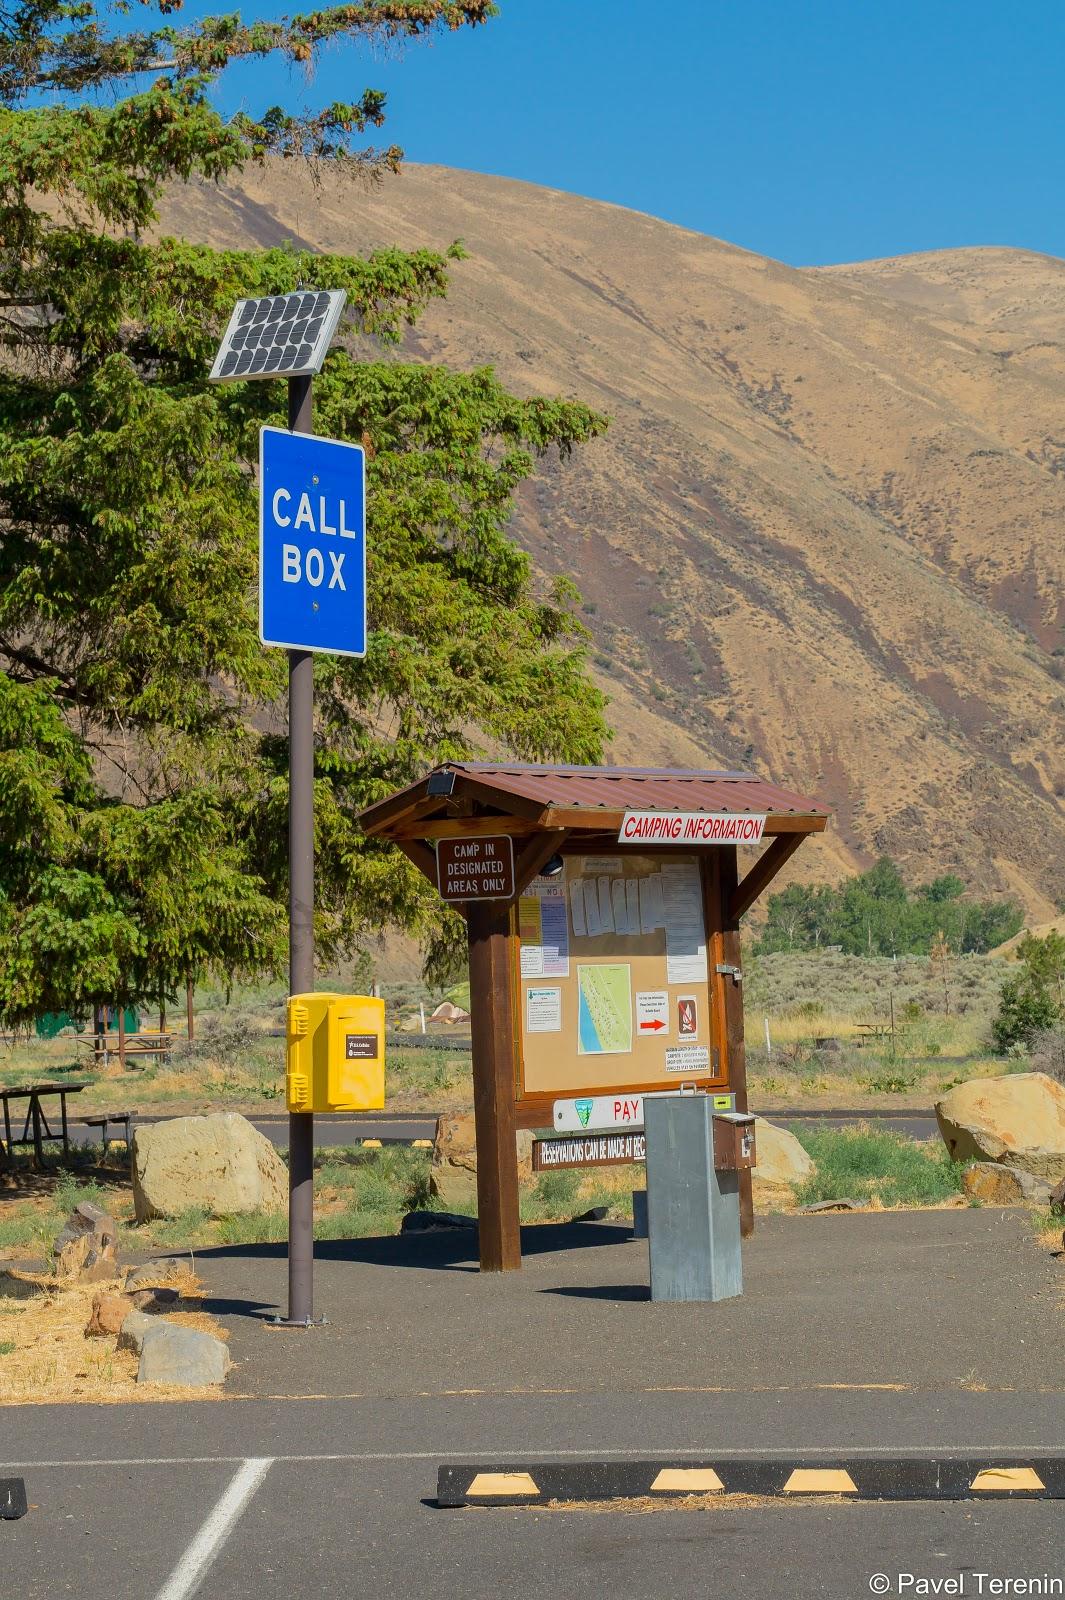 Здесь можно найти информацию о каньоне. А так же есть телефон на солнечных батареях